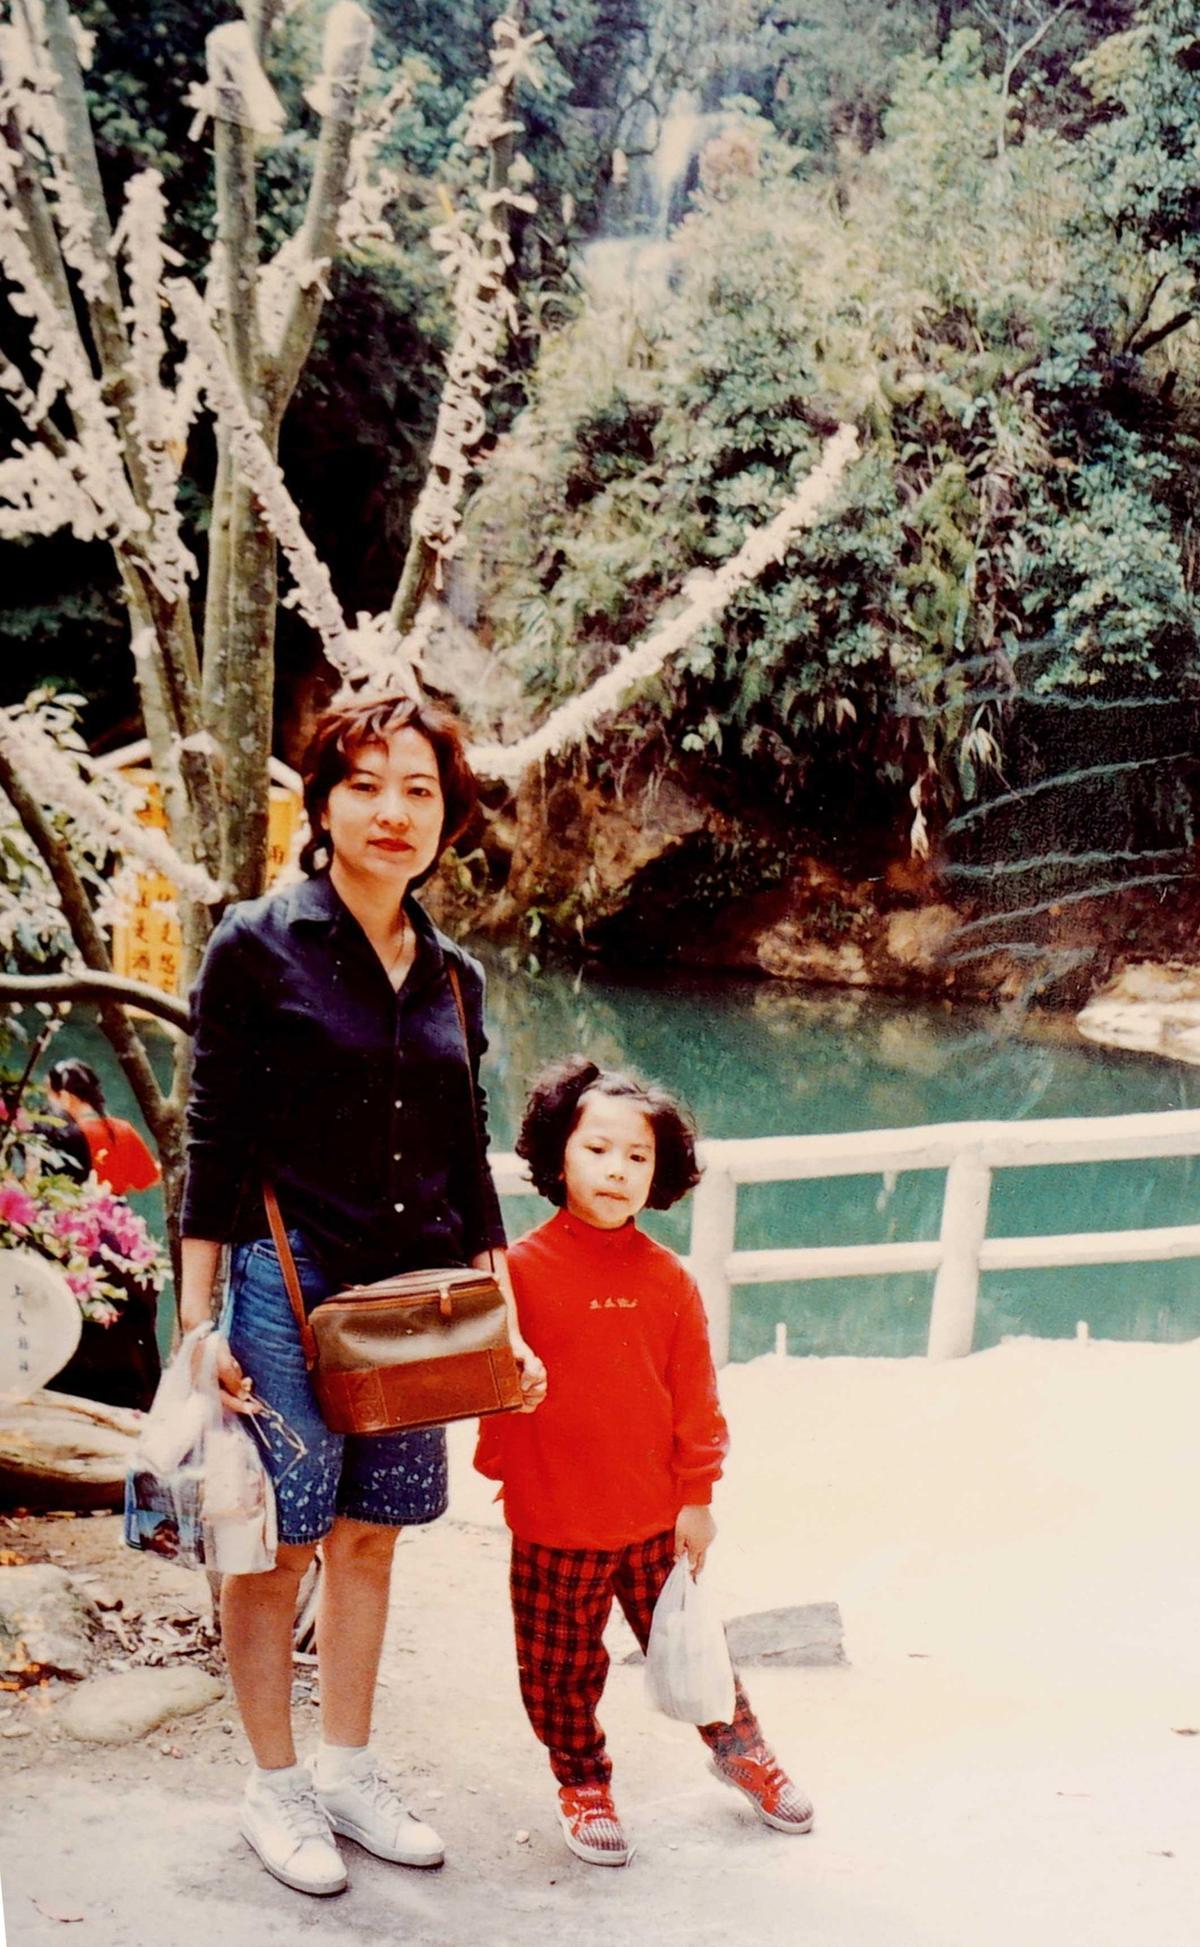 江佩津在迷你倉儲還保留著母女出遊的照片。(江佩津提供)